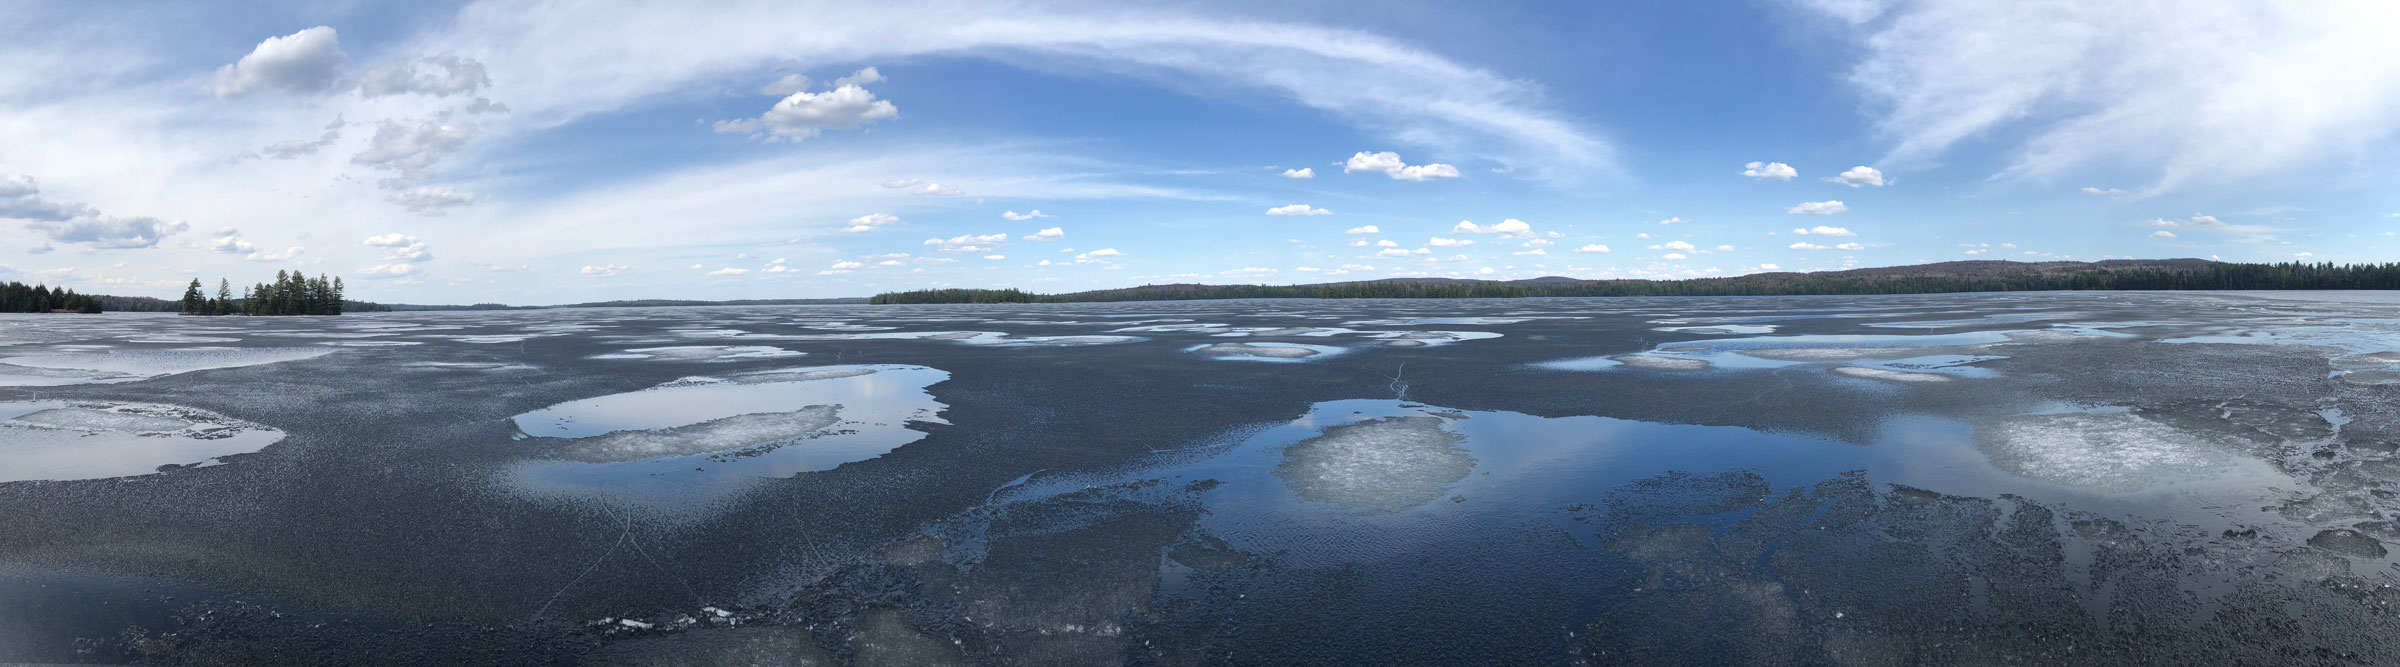 Lake Opeongo South Arm